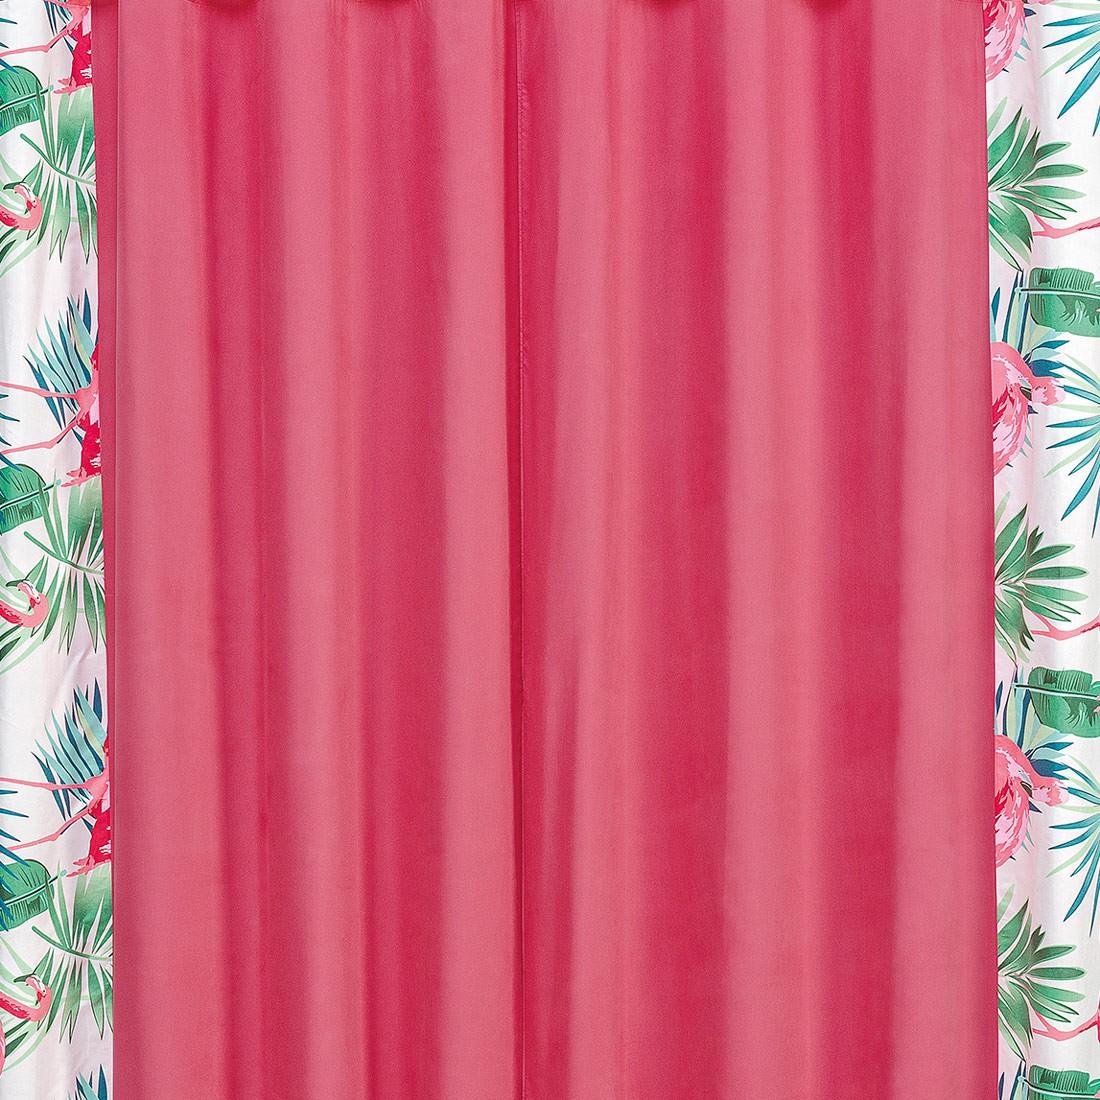 Cortina Forest Flamingo 2,00m x 1,70m p/ Varão Simples